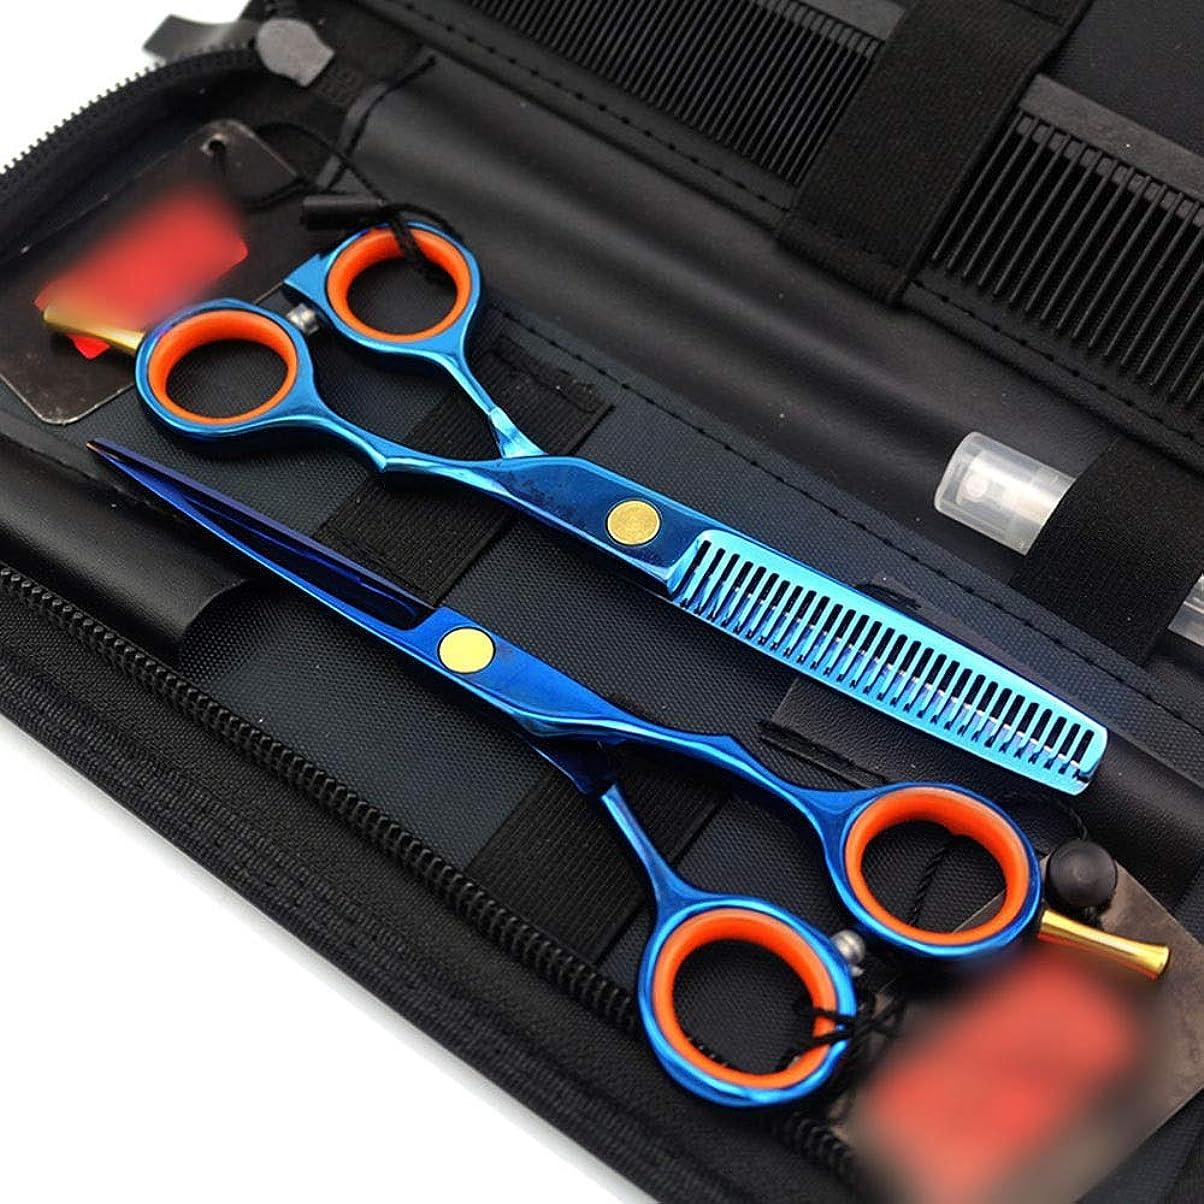 ドラゴン傑出したフェード5.5インチプロフェッショナル両面ヘアカットセット、ブルー理髪はさみセットフラットシザー+歯シザーセット モデリングツール (色 : 青)